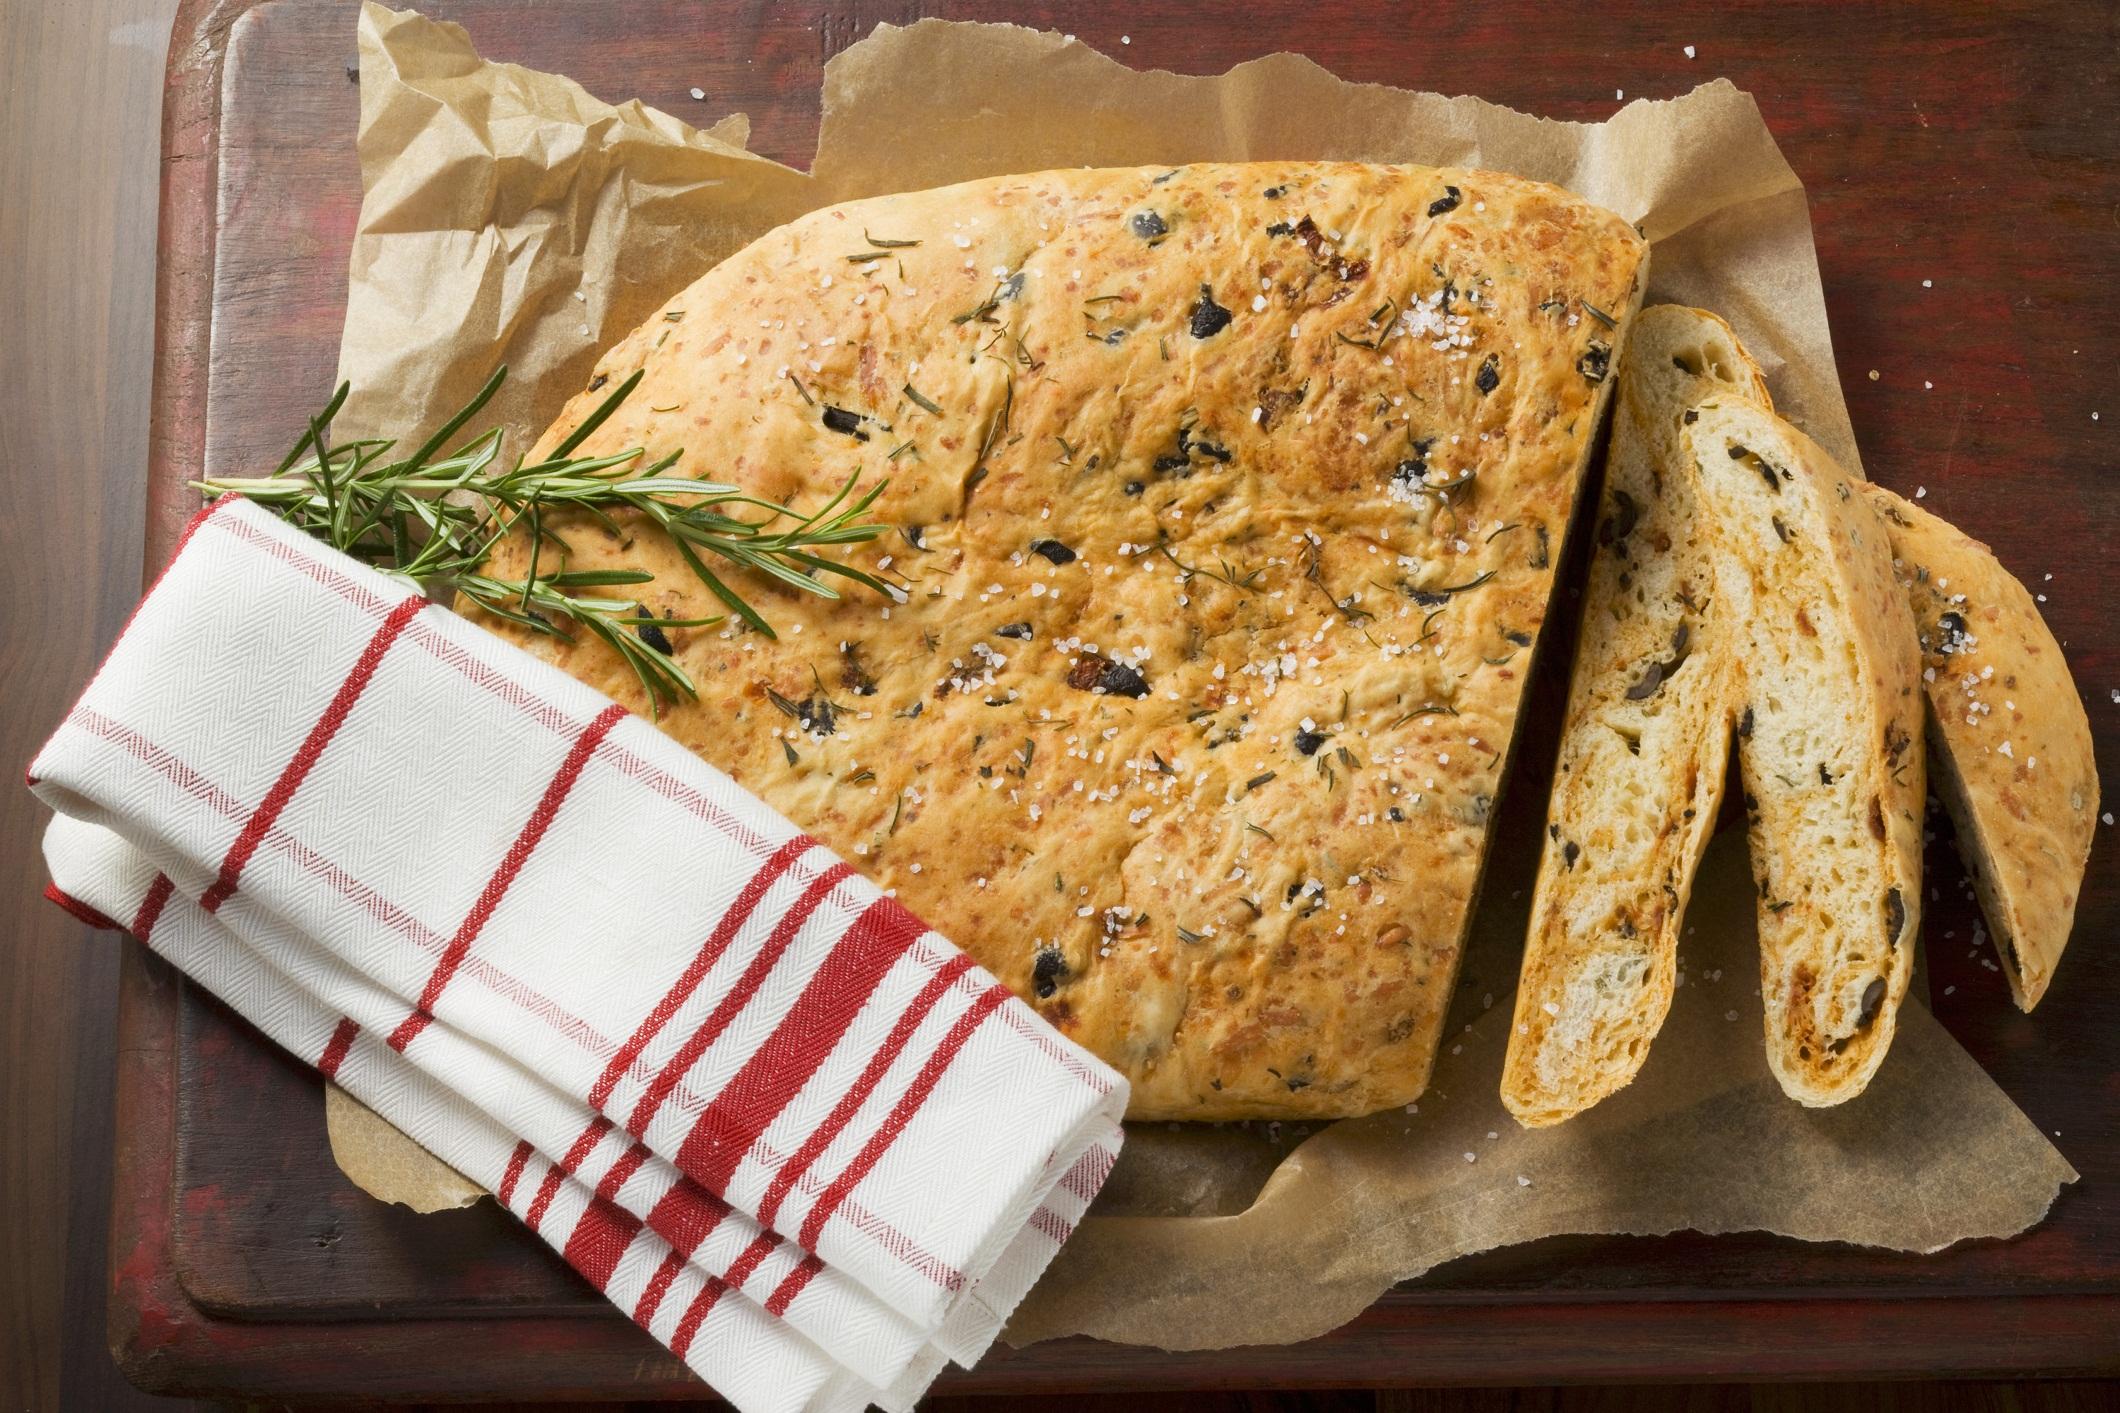 рецепты для хлебопечки с колбасой и сыром